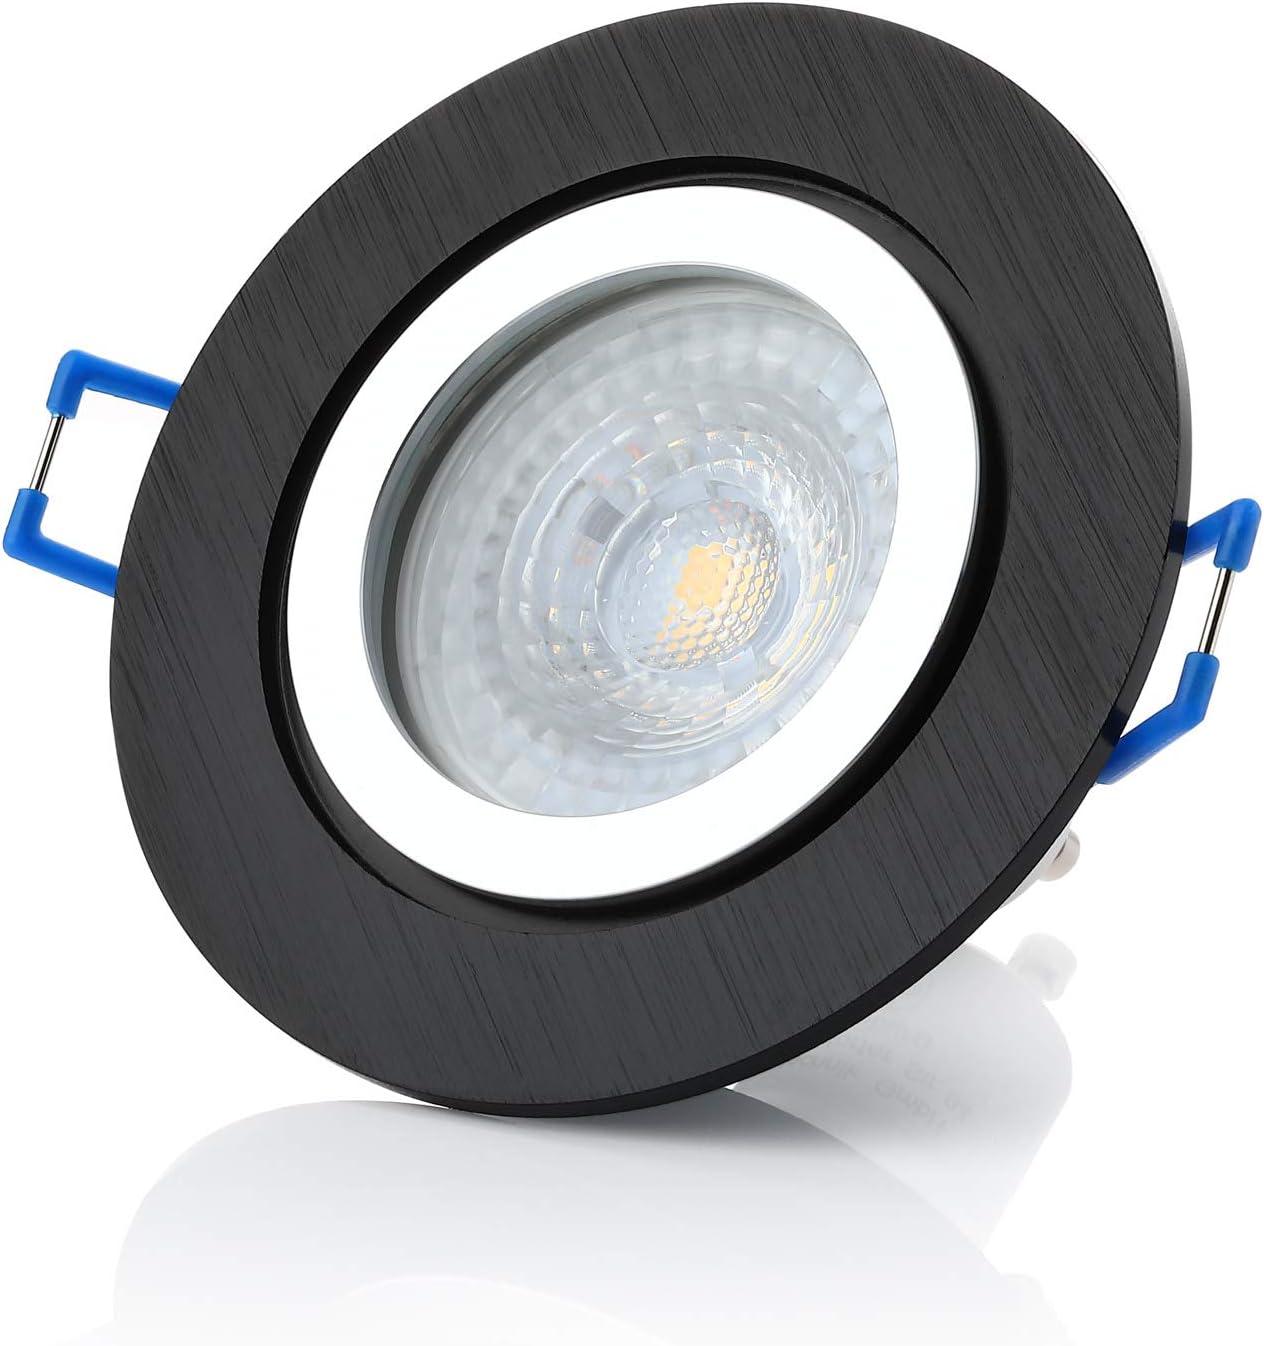 Marco de aluminio IP44 aluminio luz blanca c/álida incluye GU10 7 W cierre de clic 6 x negro de 7 W foco empotrable para ba/ño Sweet LED marco de montaje IP44 560 l/úmenes